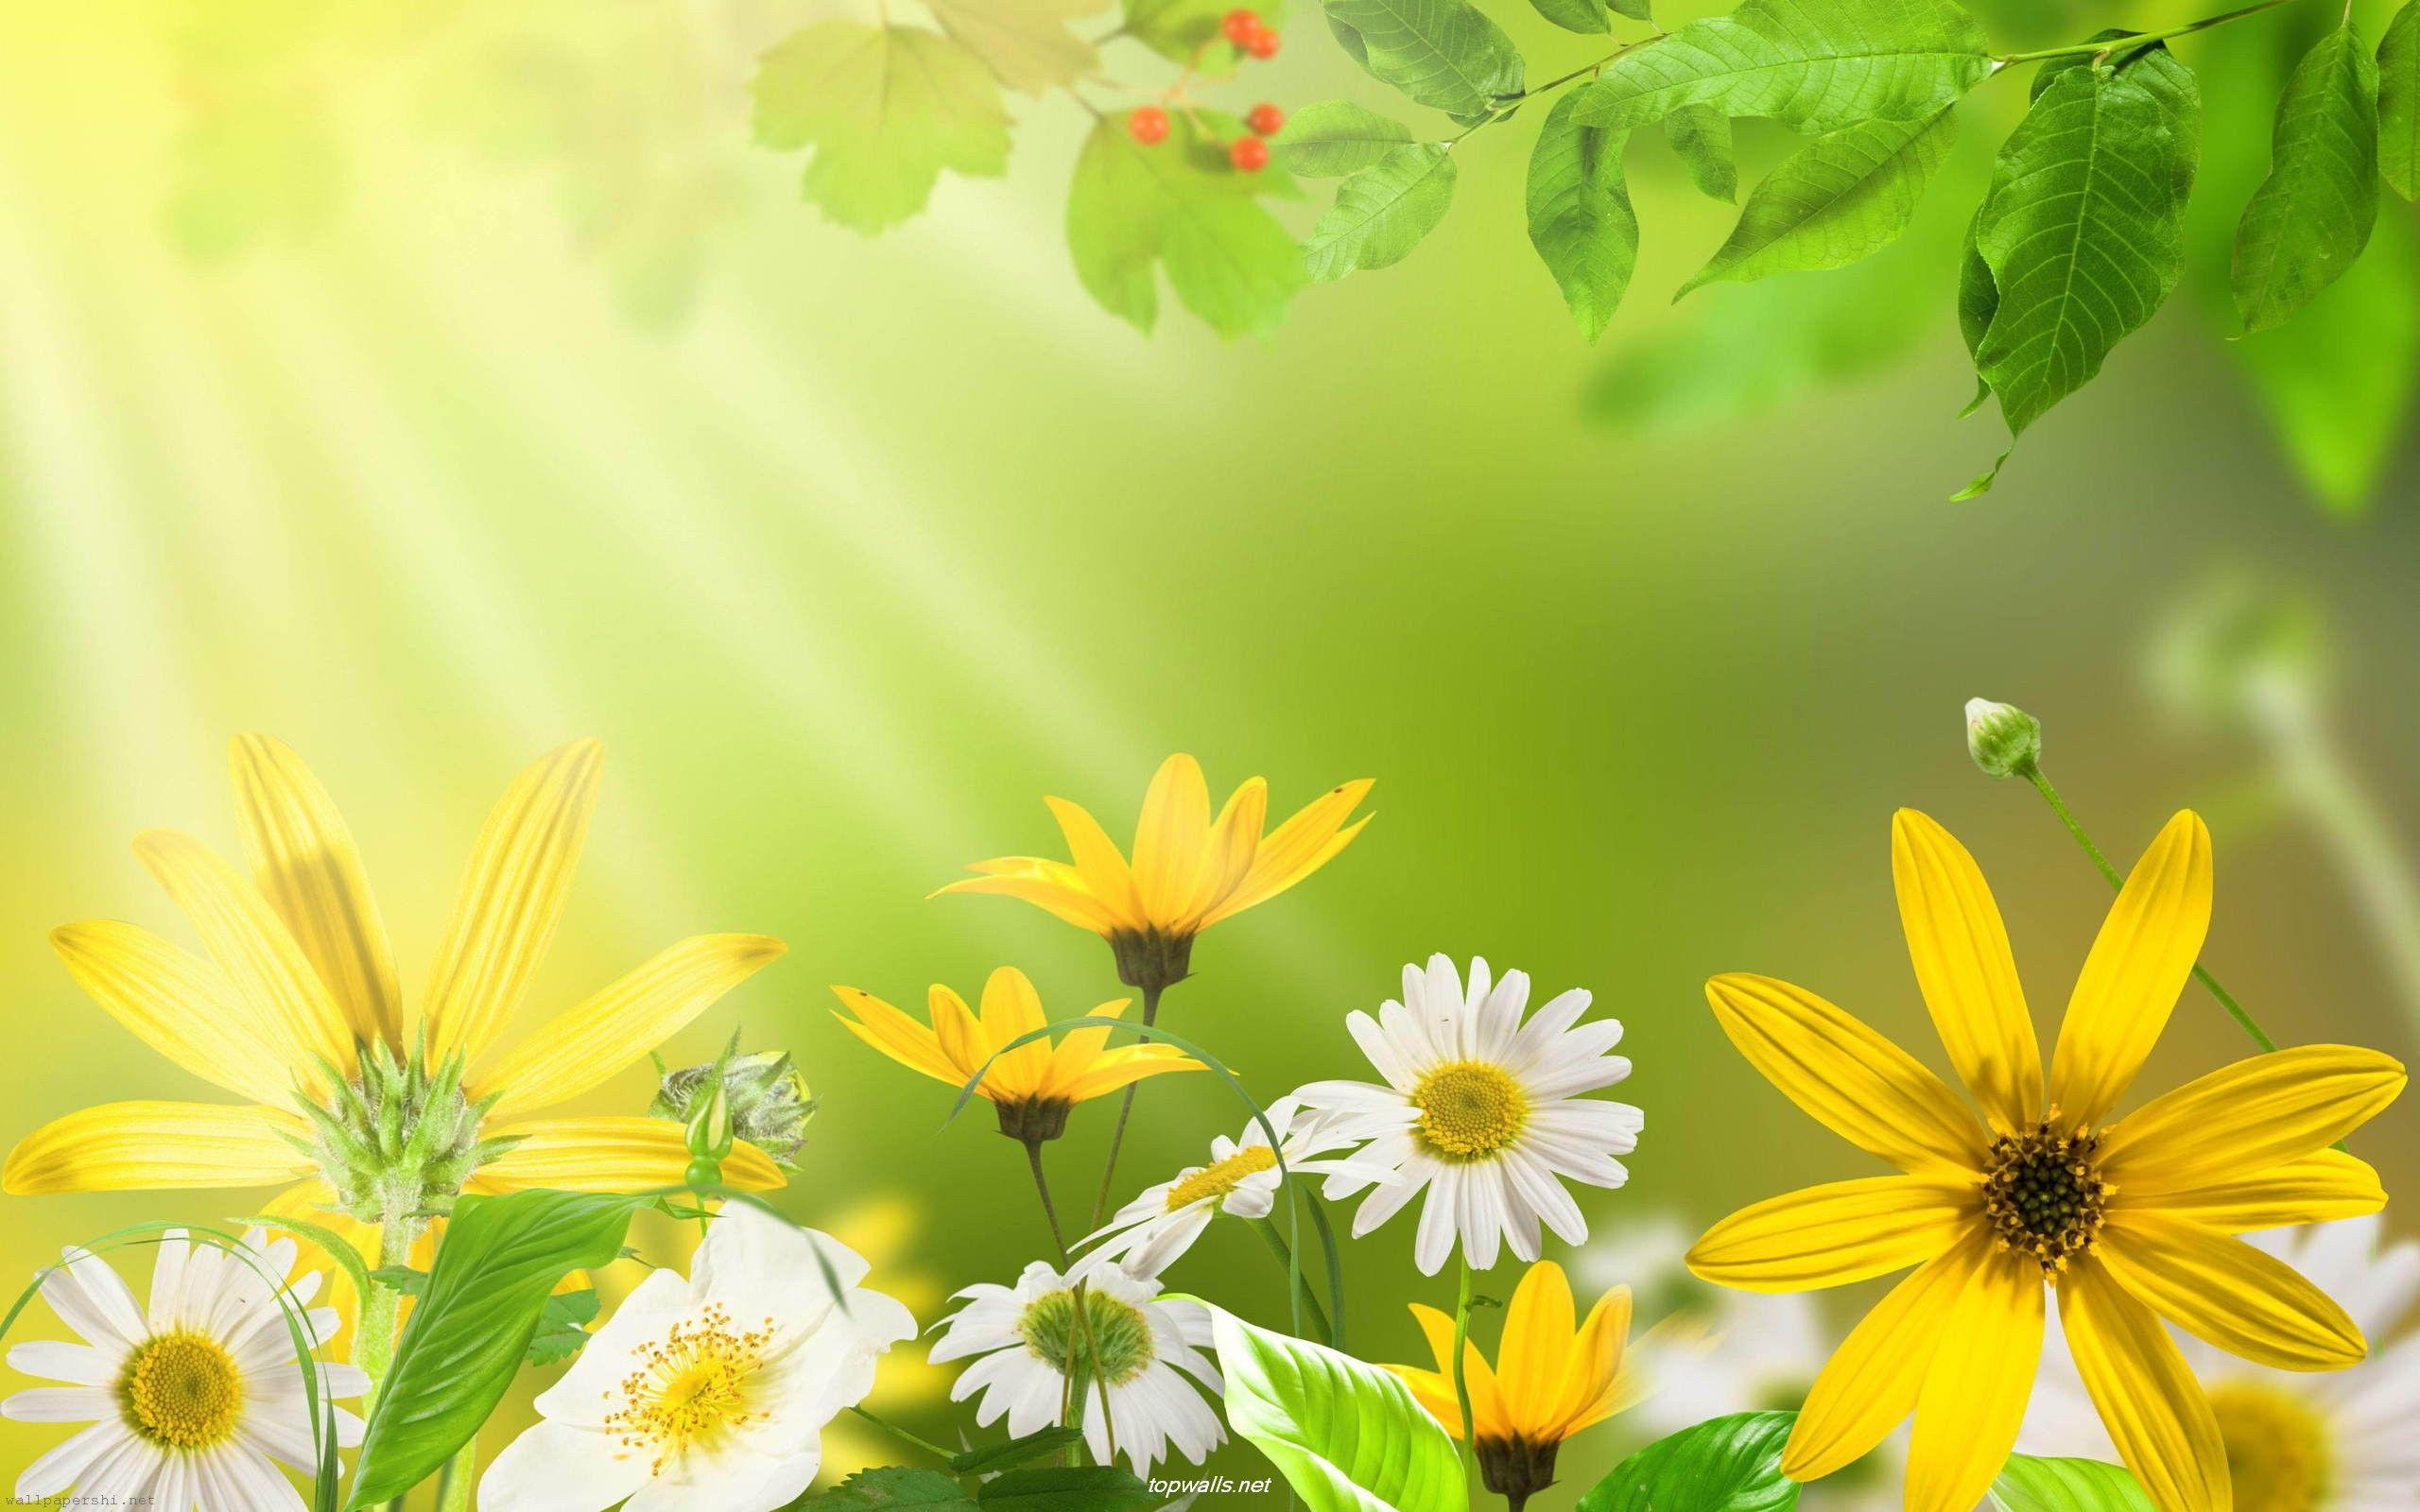 Www 3d Flower Wallpaper Com Green Flowers In Summer 12 Wide Wallpaper